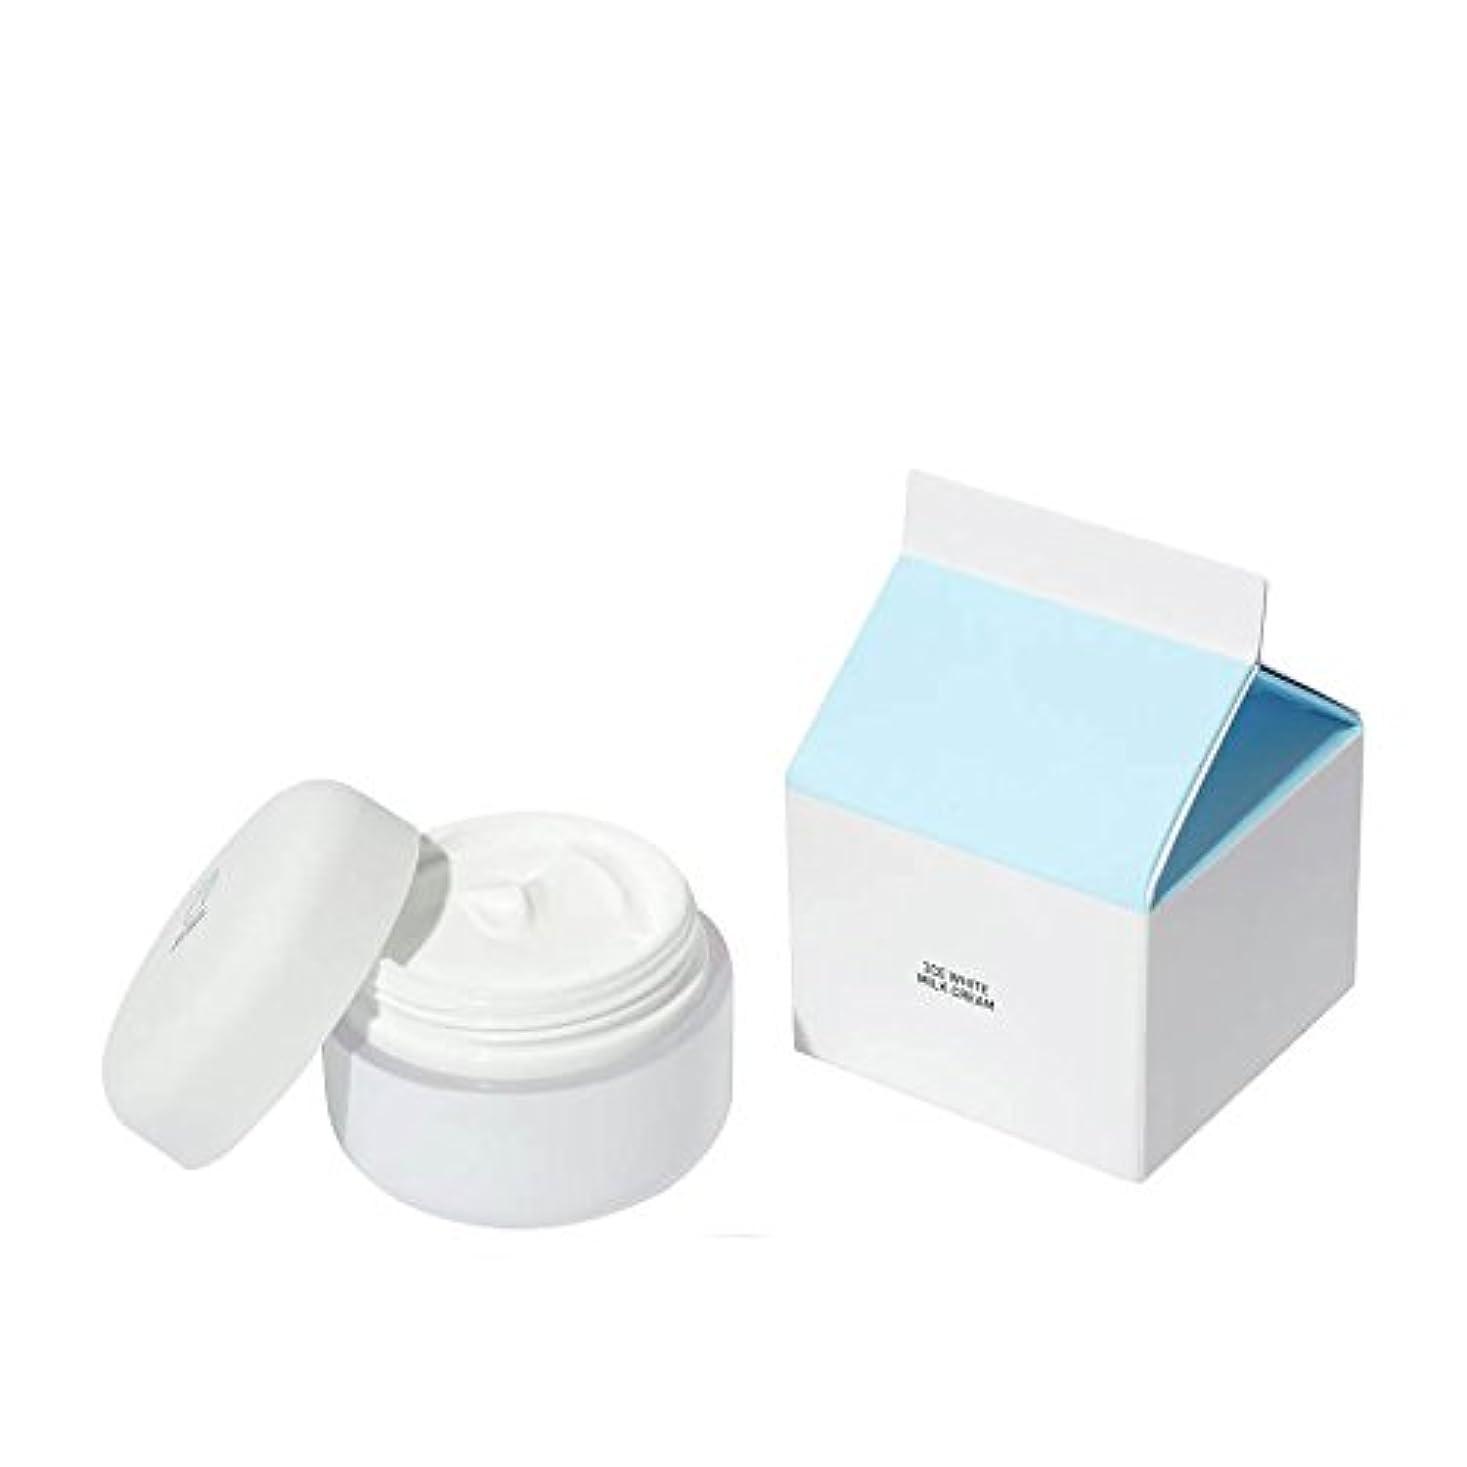 にんじん知覚できる保証金[3CE] ホワイトミルククリーム(White Milk Cream) 50g